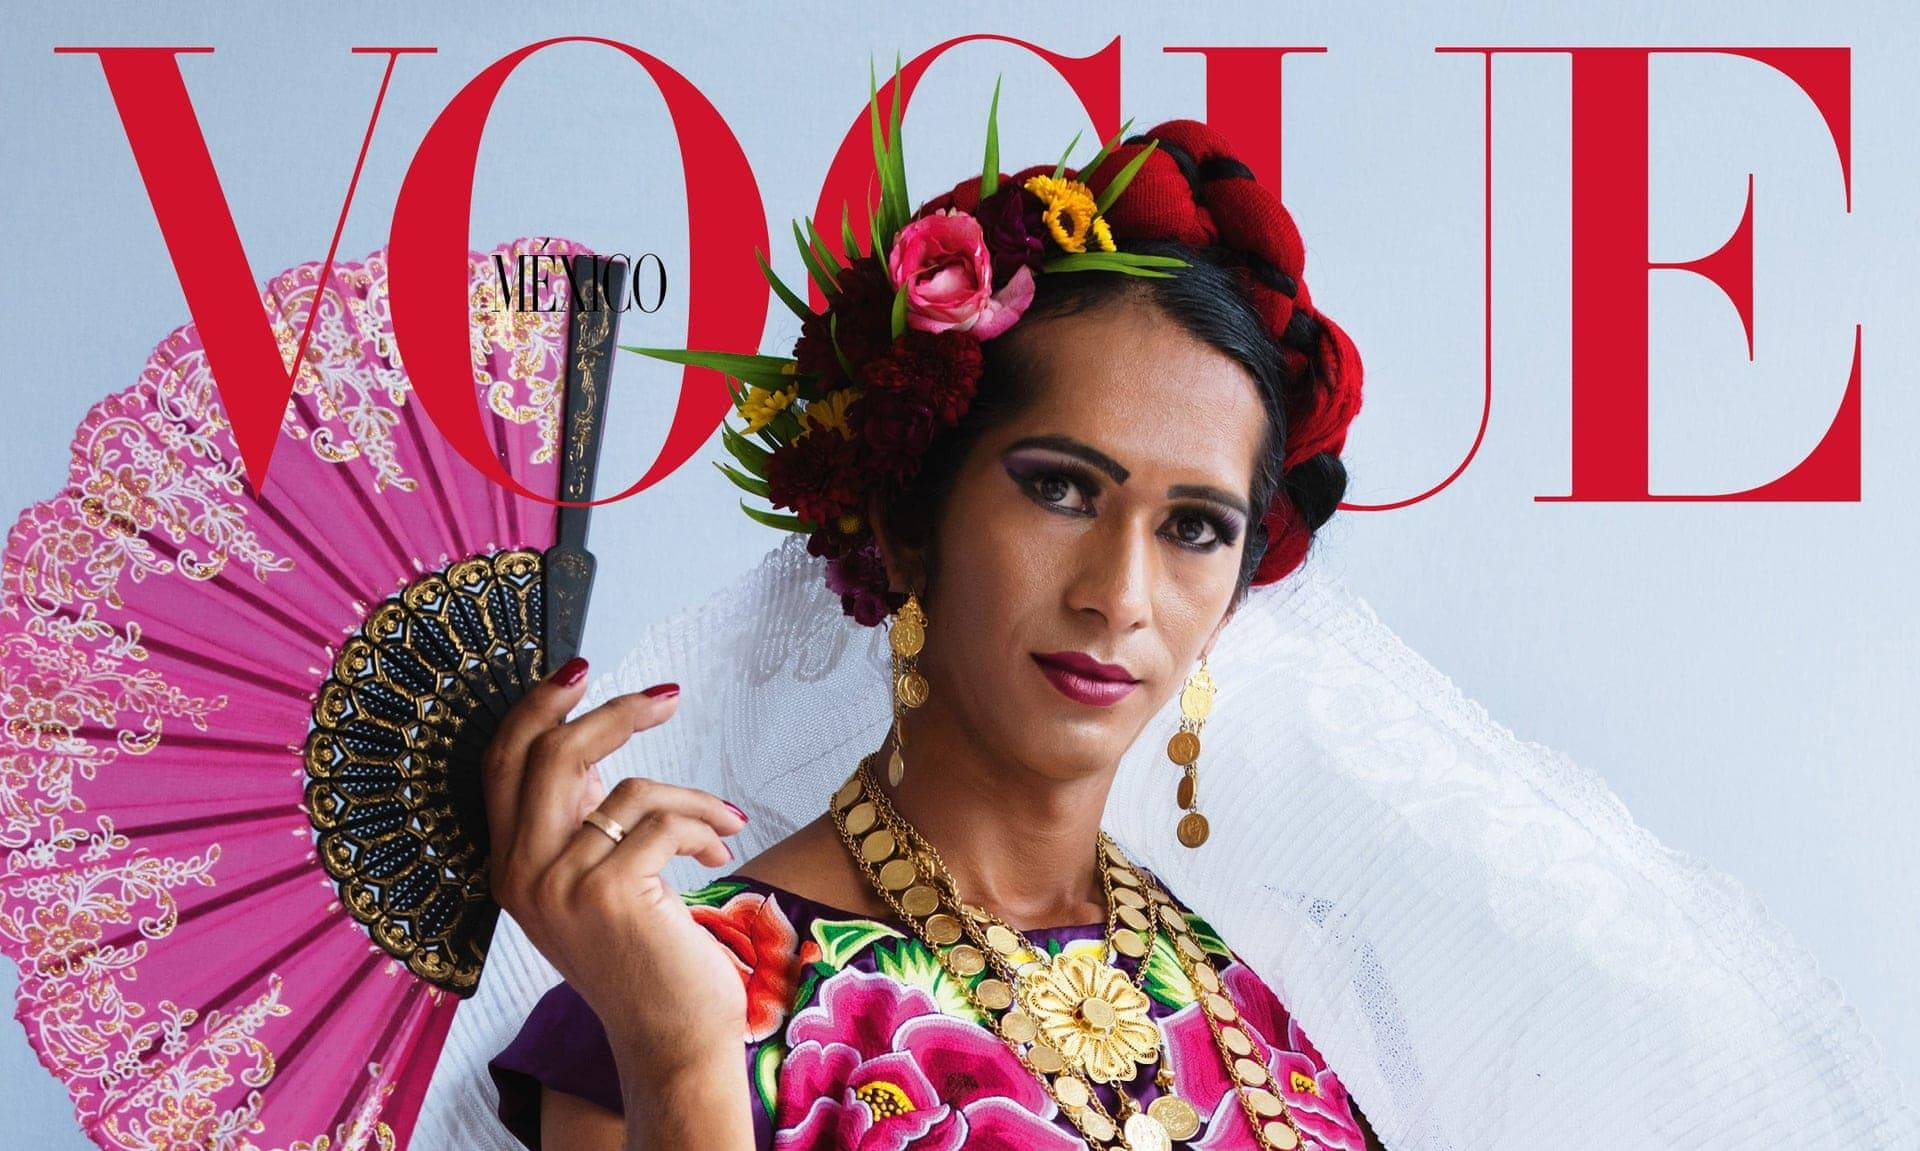 Verso la libertà di genere: Vogue dedica la sua copertina ai Muxe